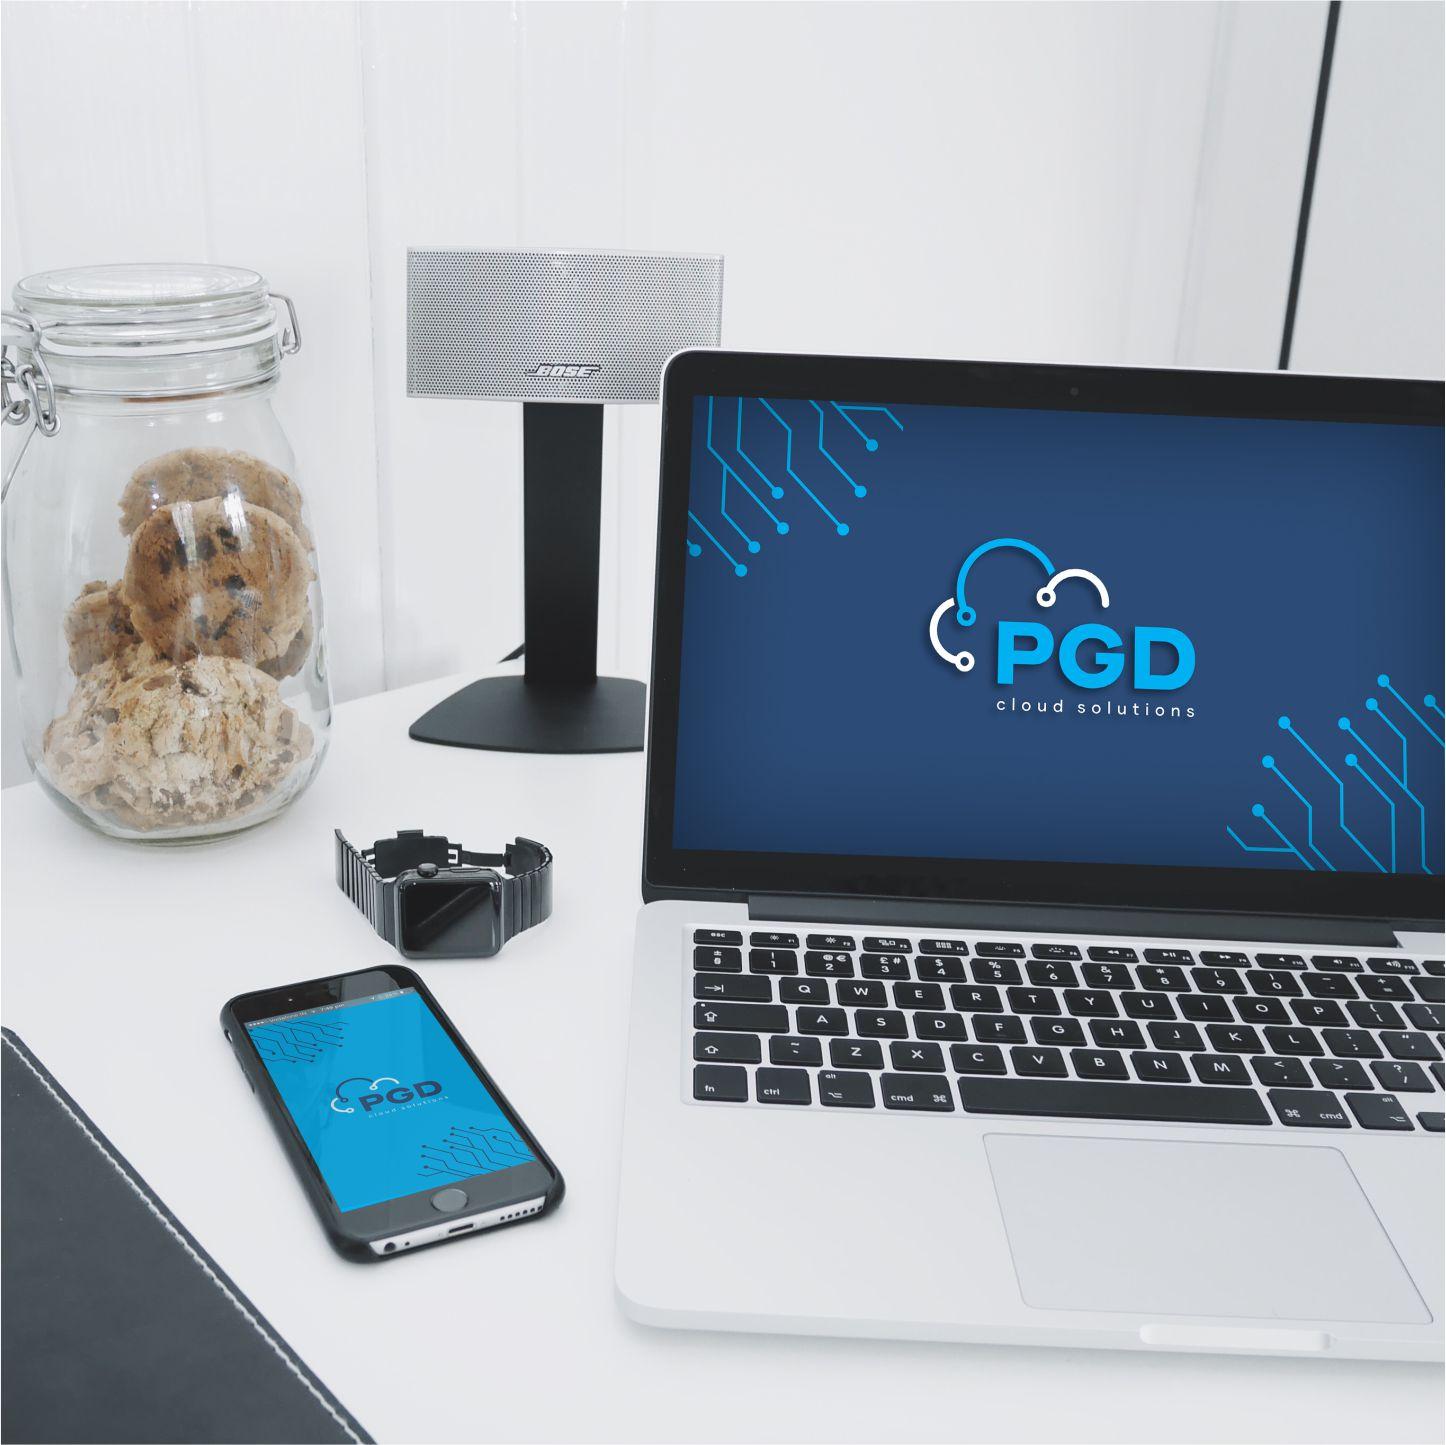 pgd-cloud-apresentacao-web